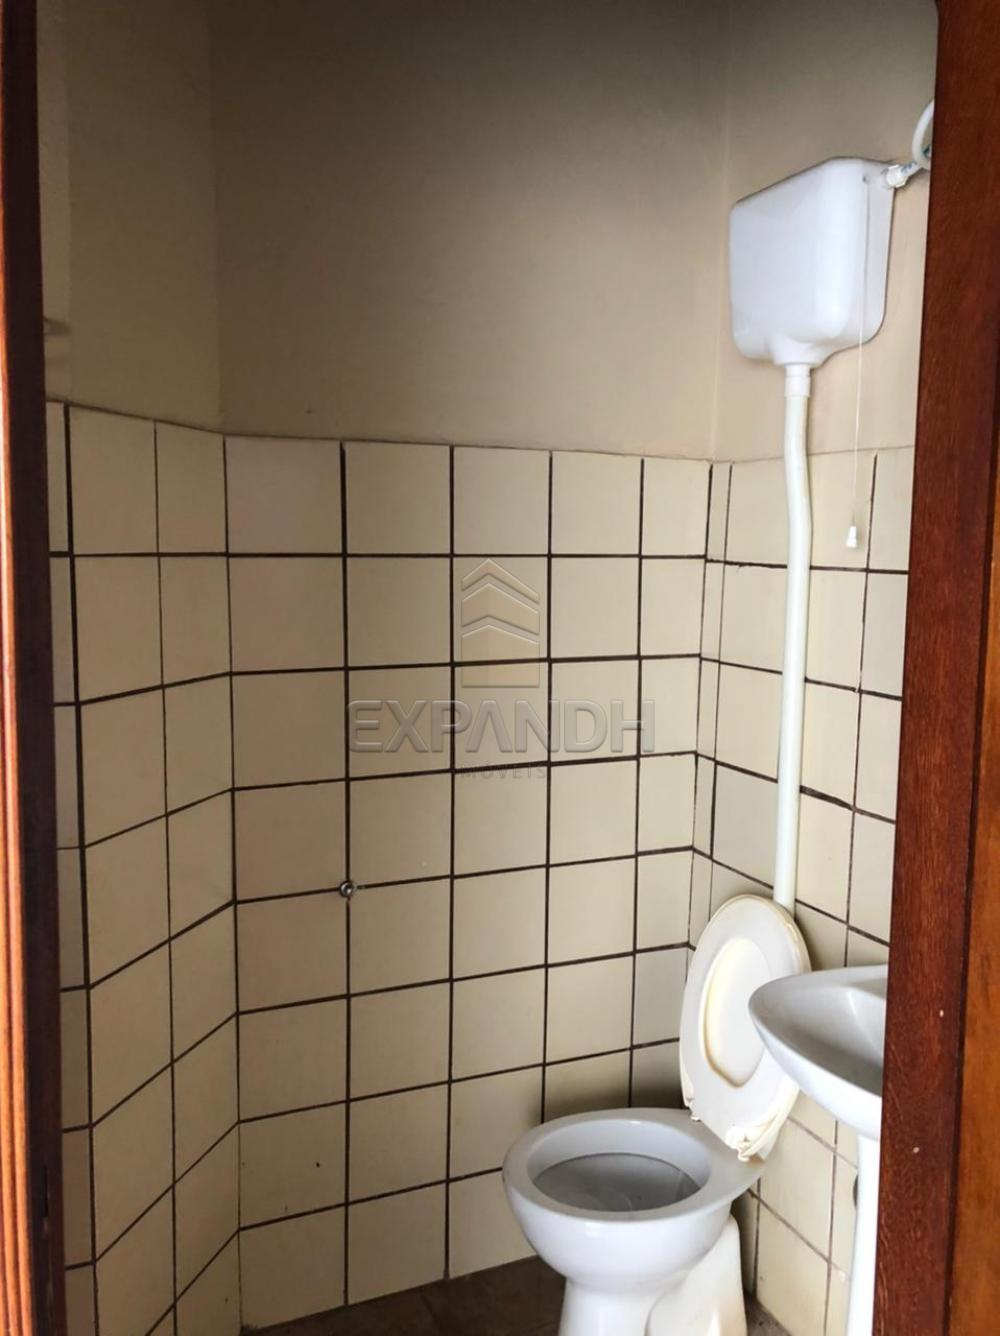 Alugar Casas / Padrão em Sertãozinho R$ 1.100,00 - Foto 12